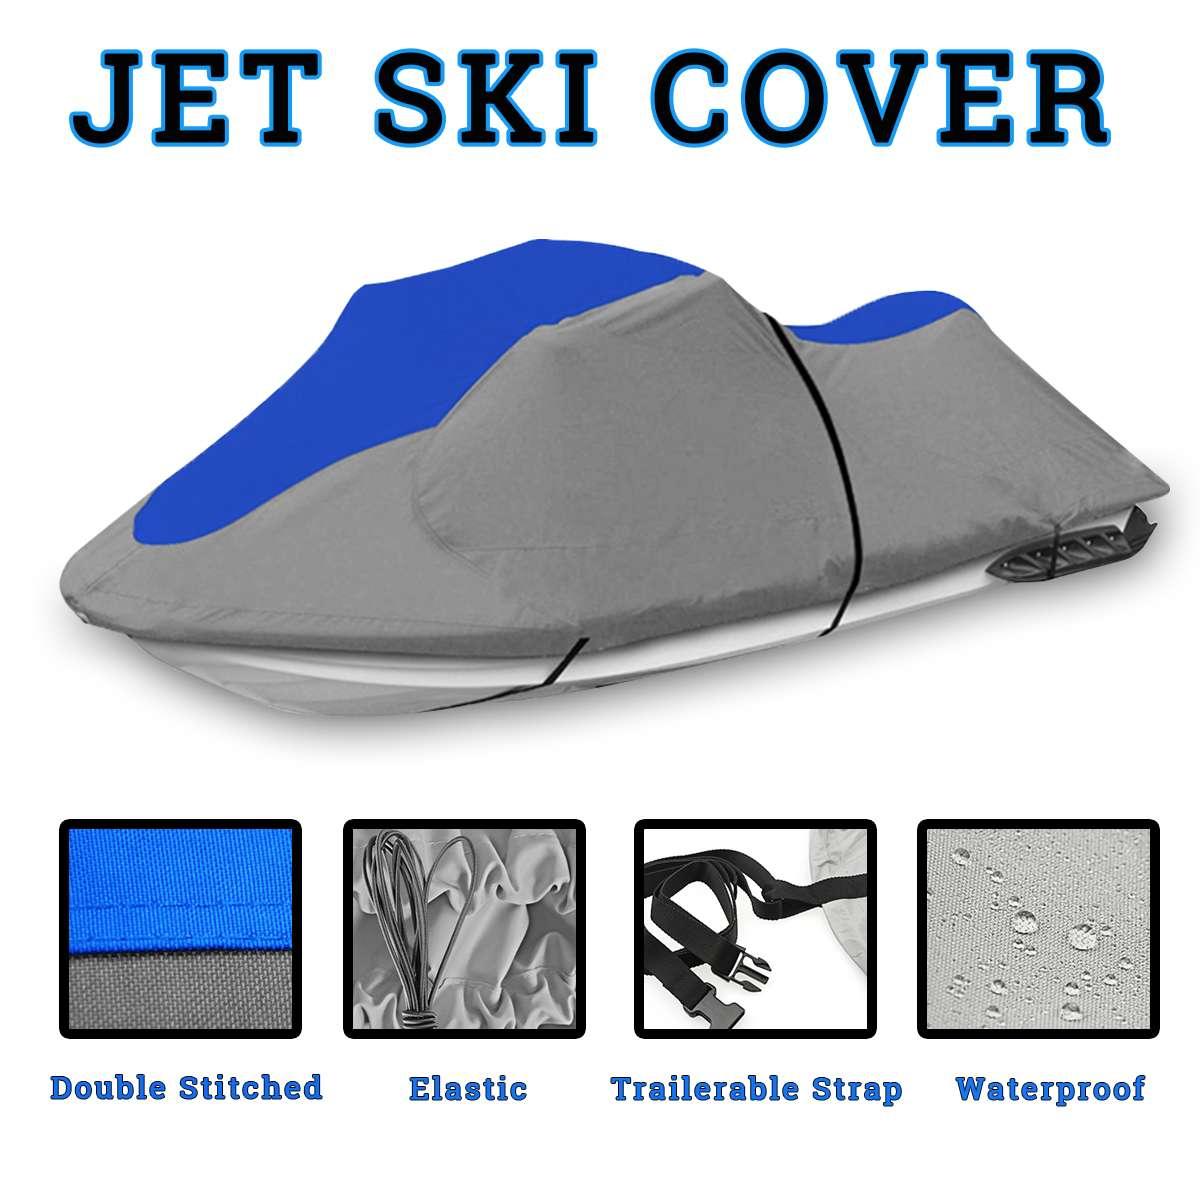 600D Solution 8.1 oz Oxford couverture de bateau pour ajustement universel 3 personnes PWC Jet Ski, 116 à 135